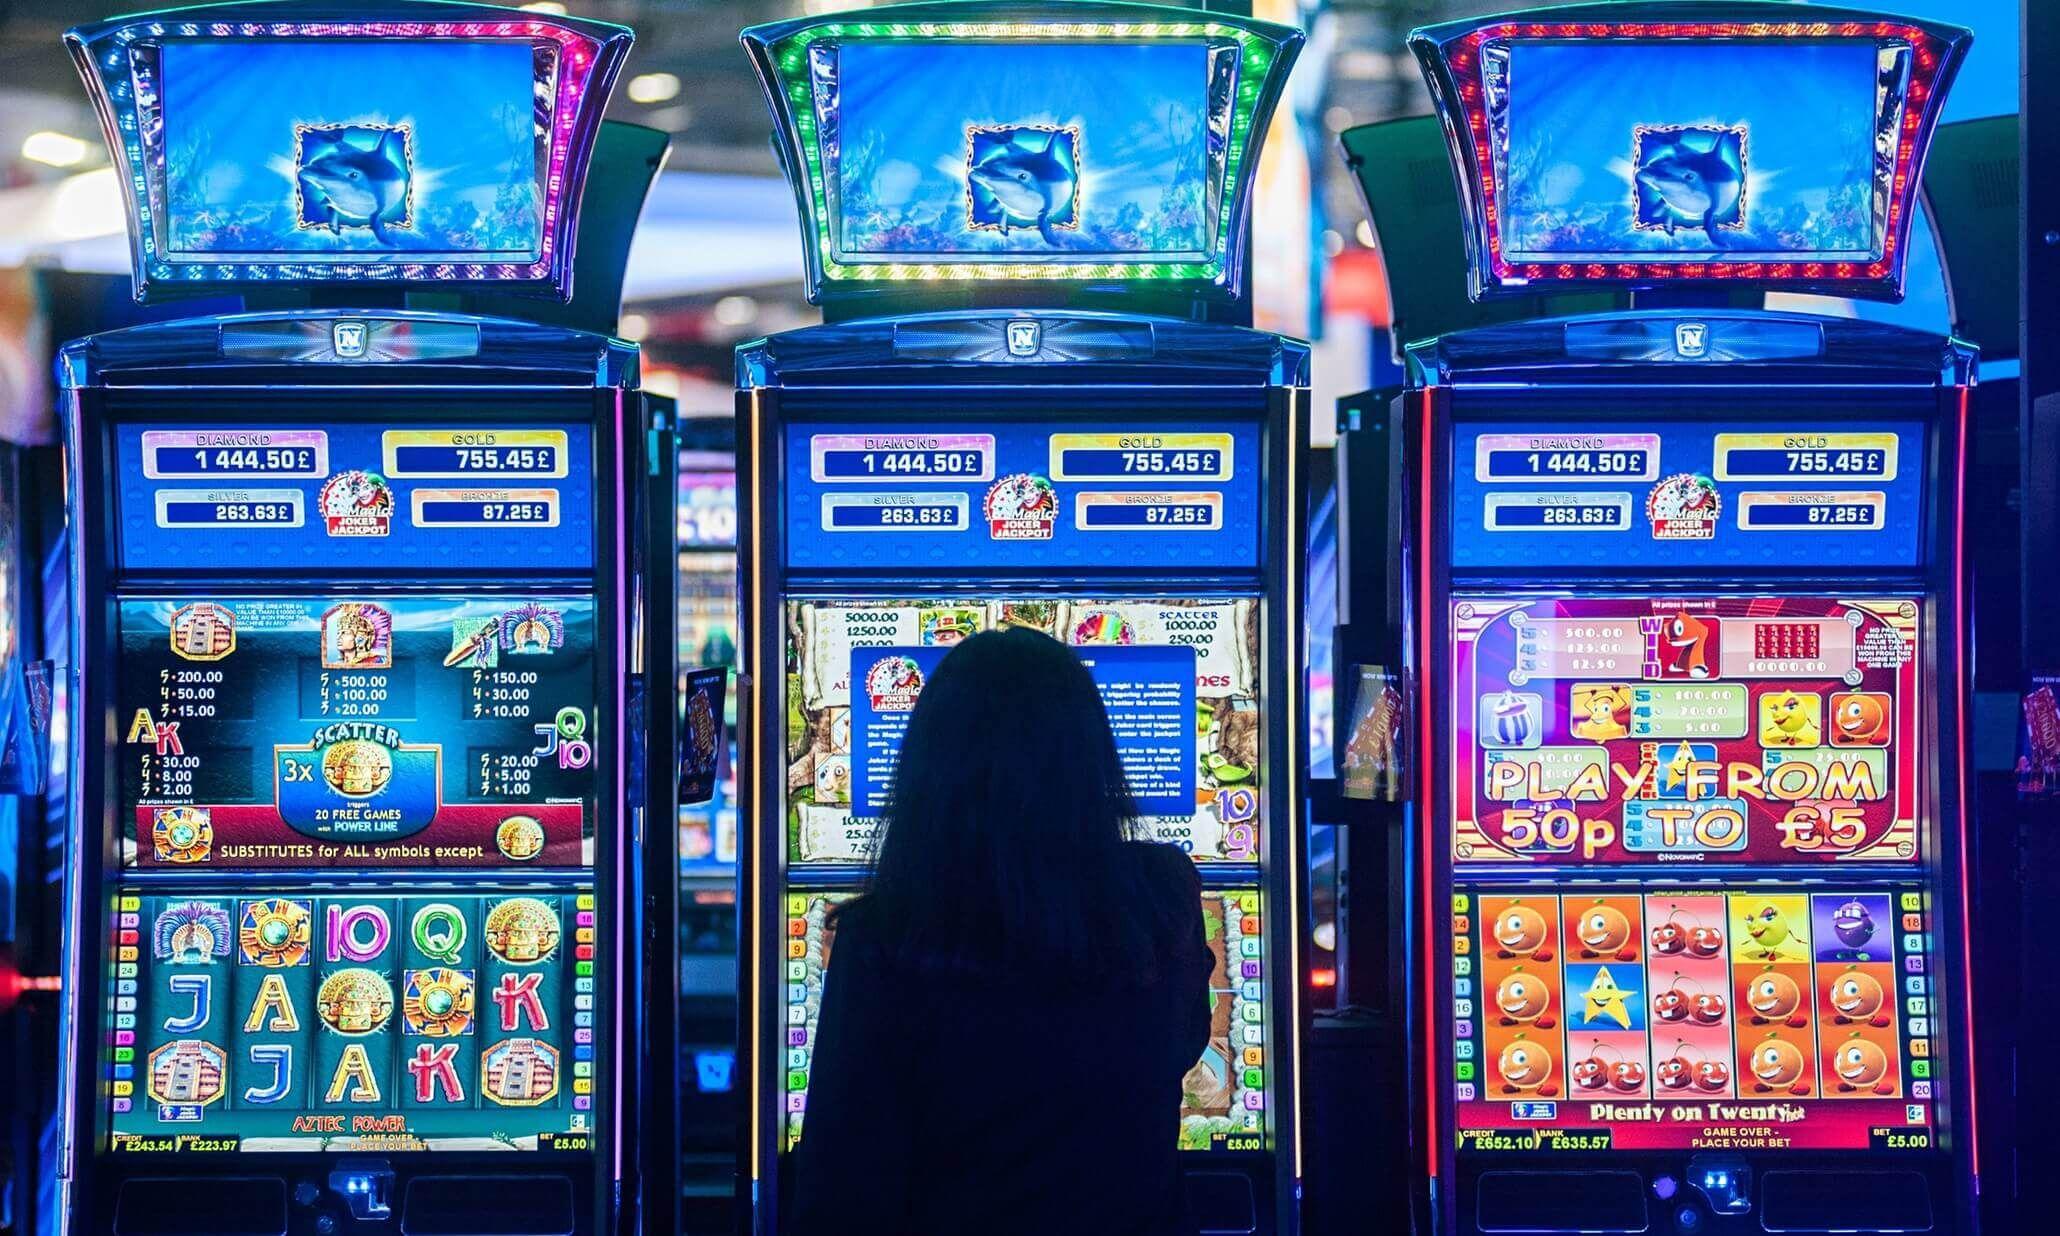 Европа игровые автоматы играть онлайн бесплатно рейтинг слотов рф globalslots терминалы